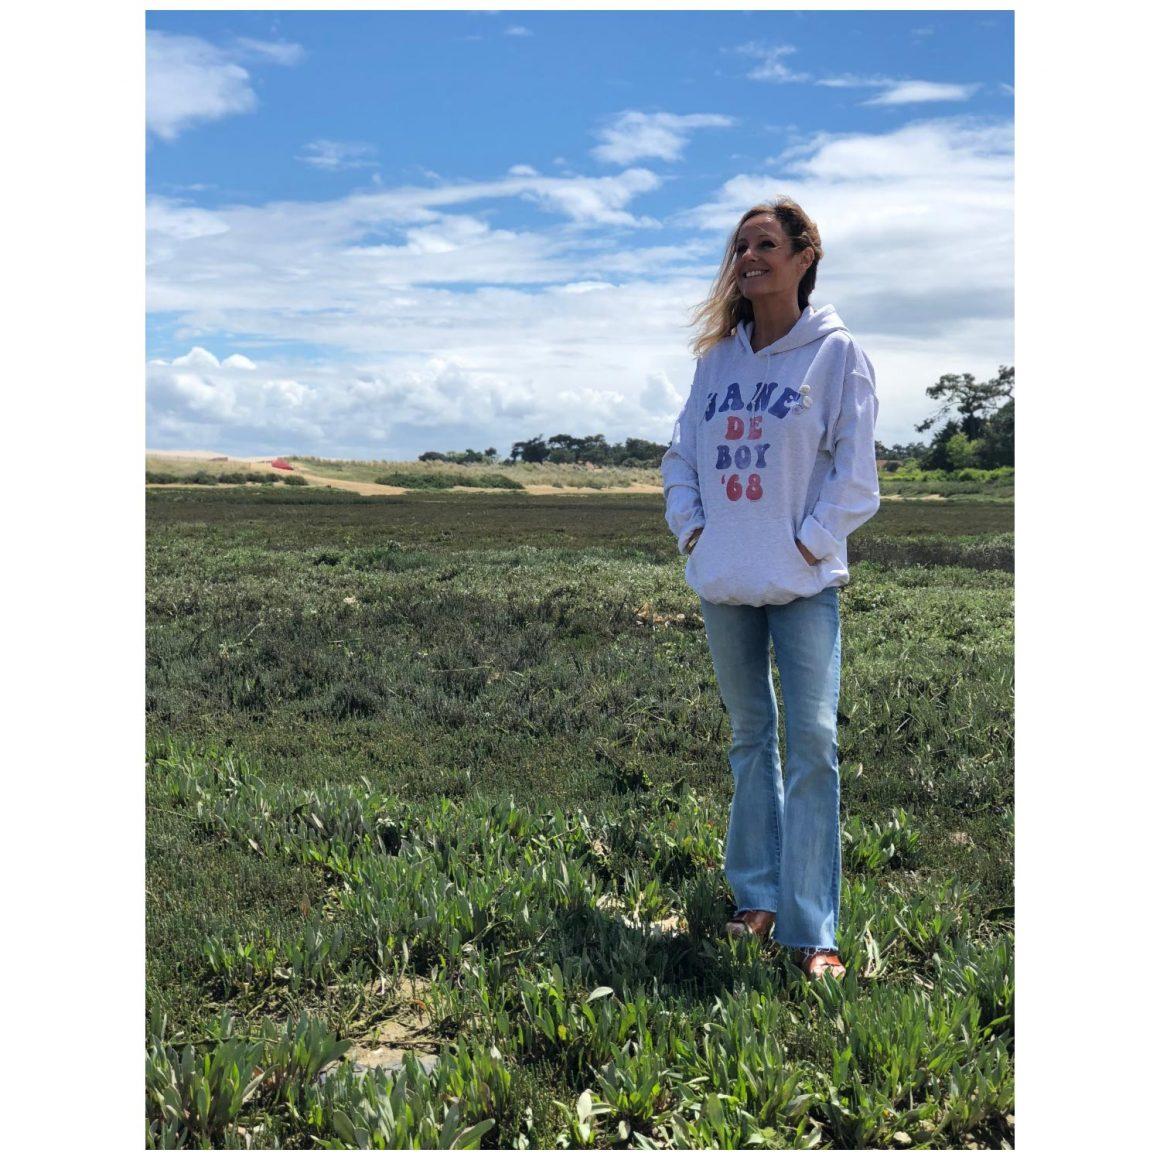 Le nouveau hoodie Newtone porté par Marie, fondatrice de Jane de Boy